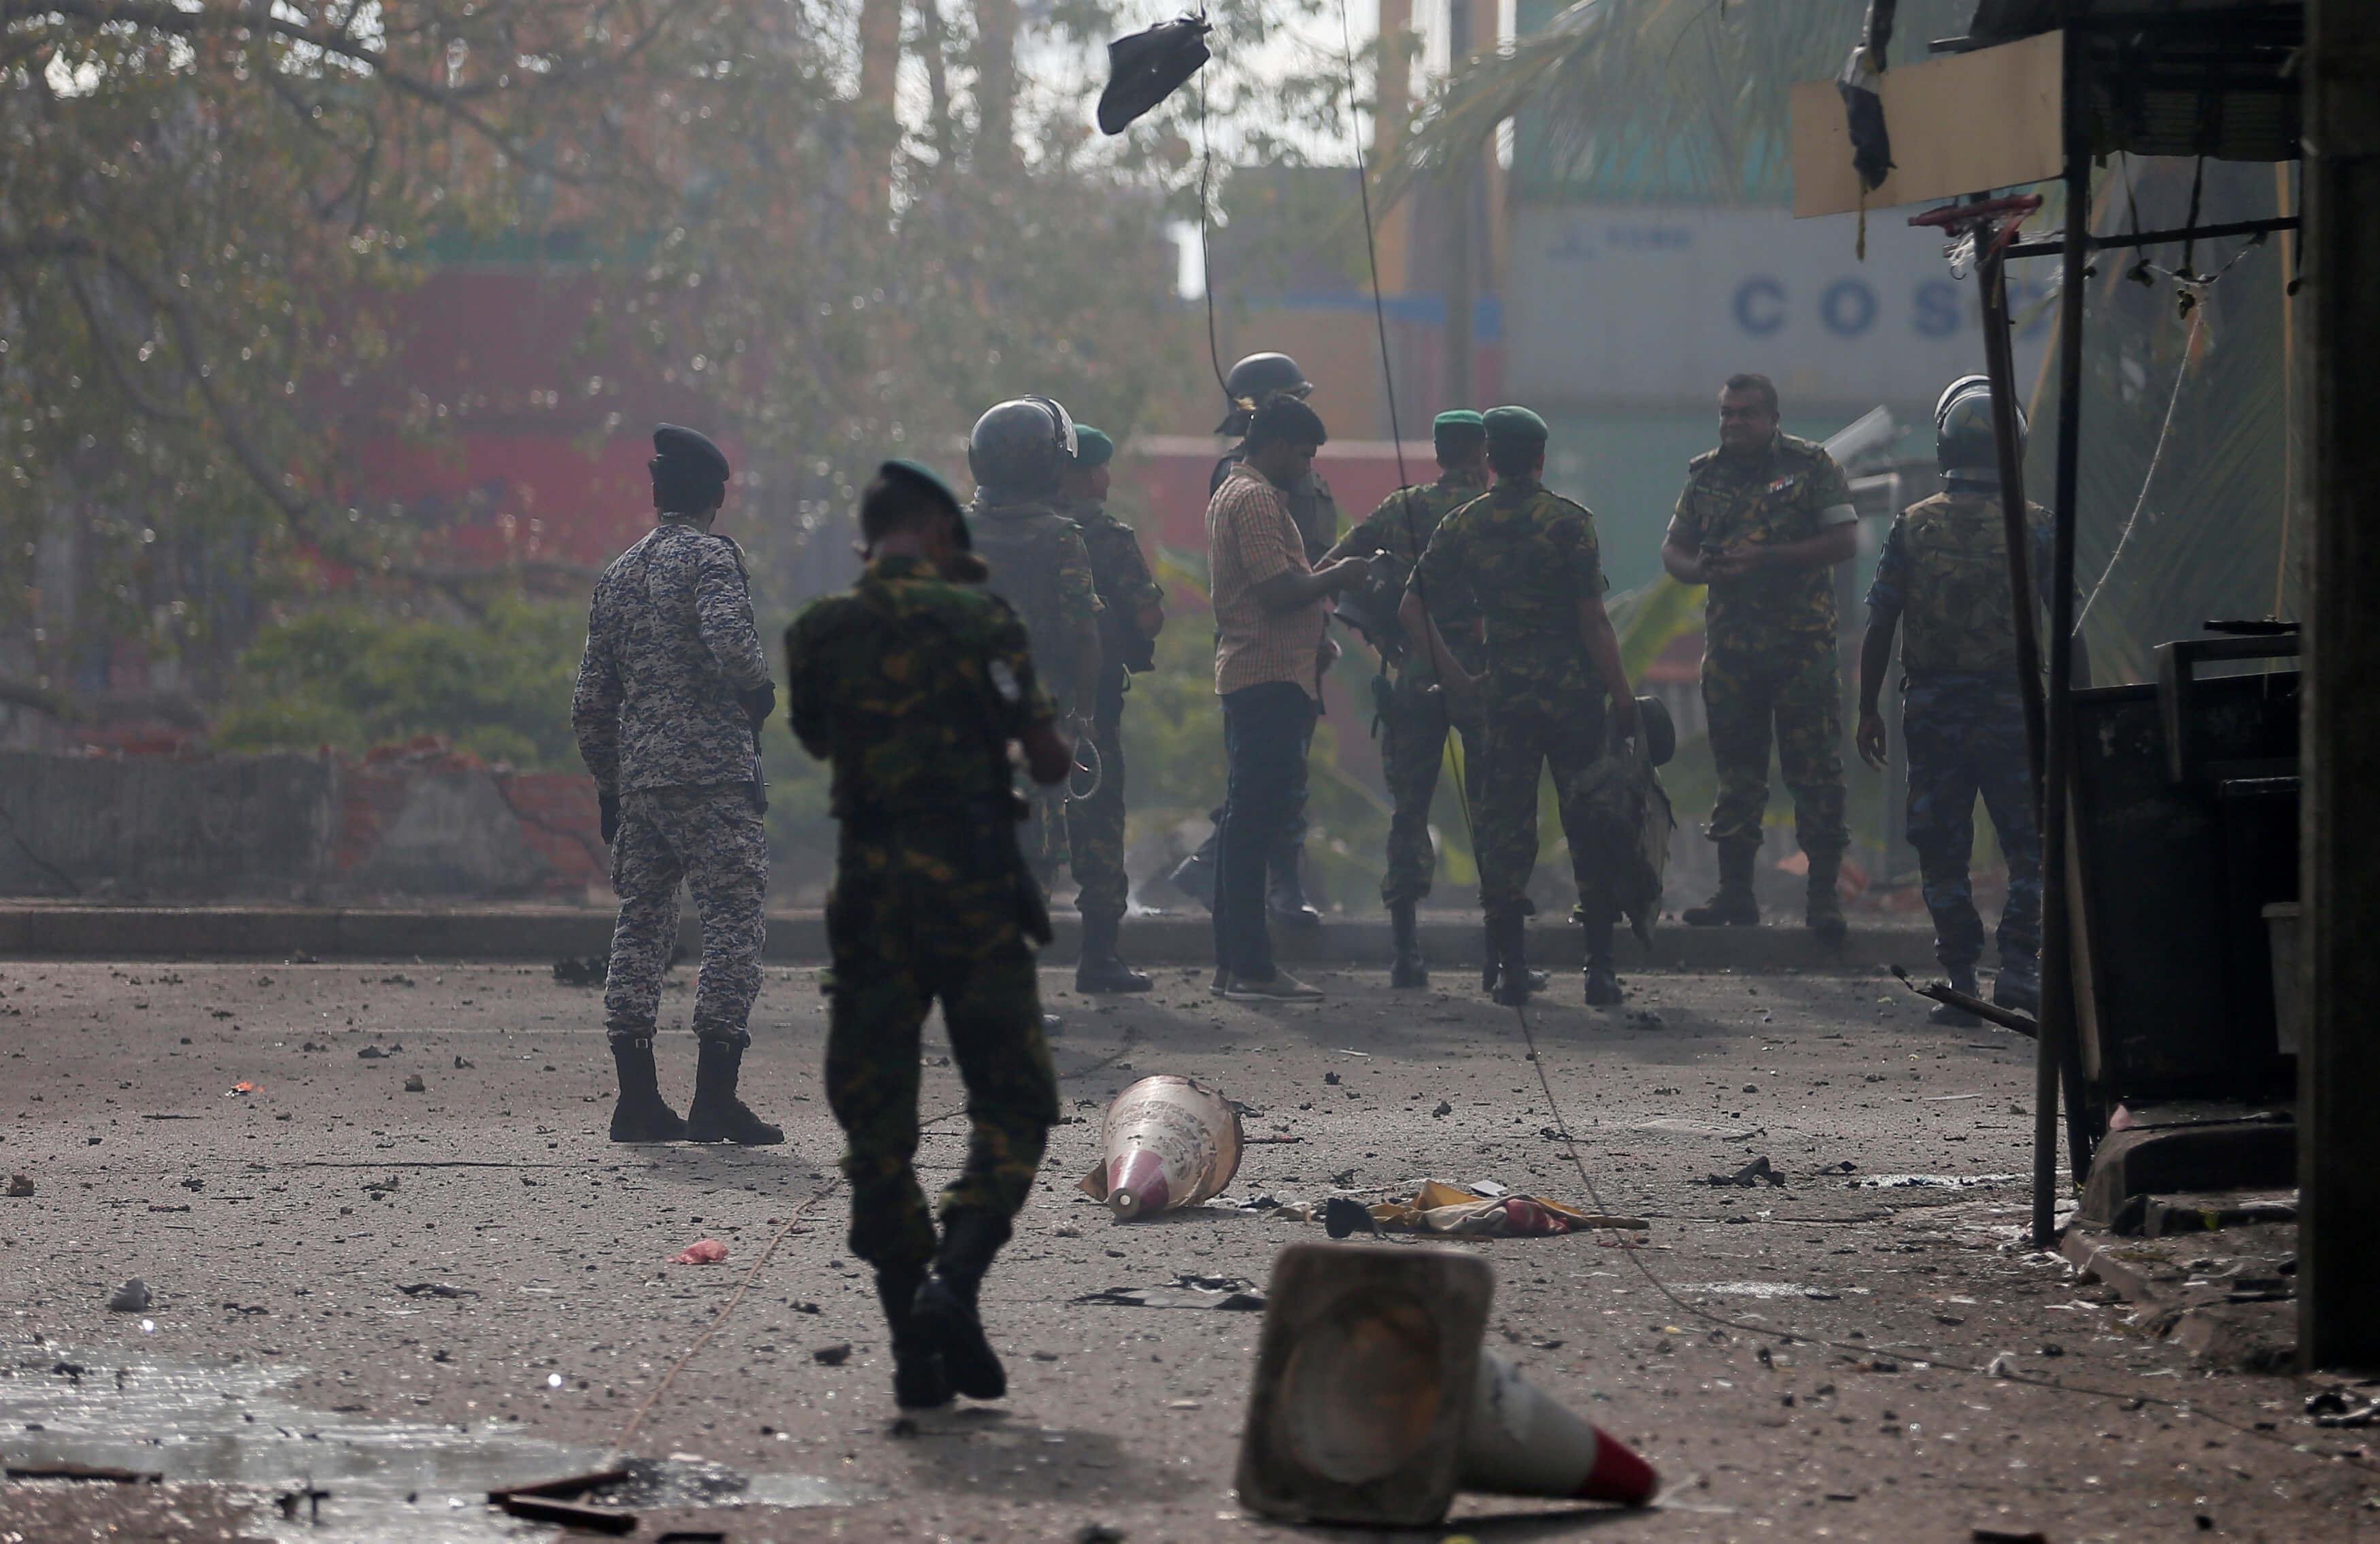 """Μάλι: 53 στρατιώτες κι ένας πολίτης νεκροί από """"τρομοκρατική επίθεση"""""""